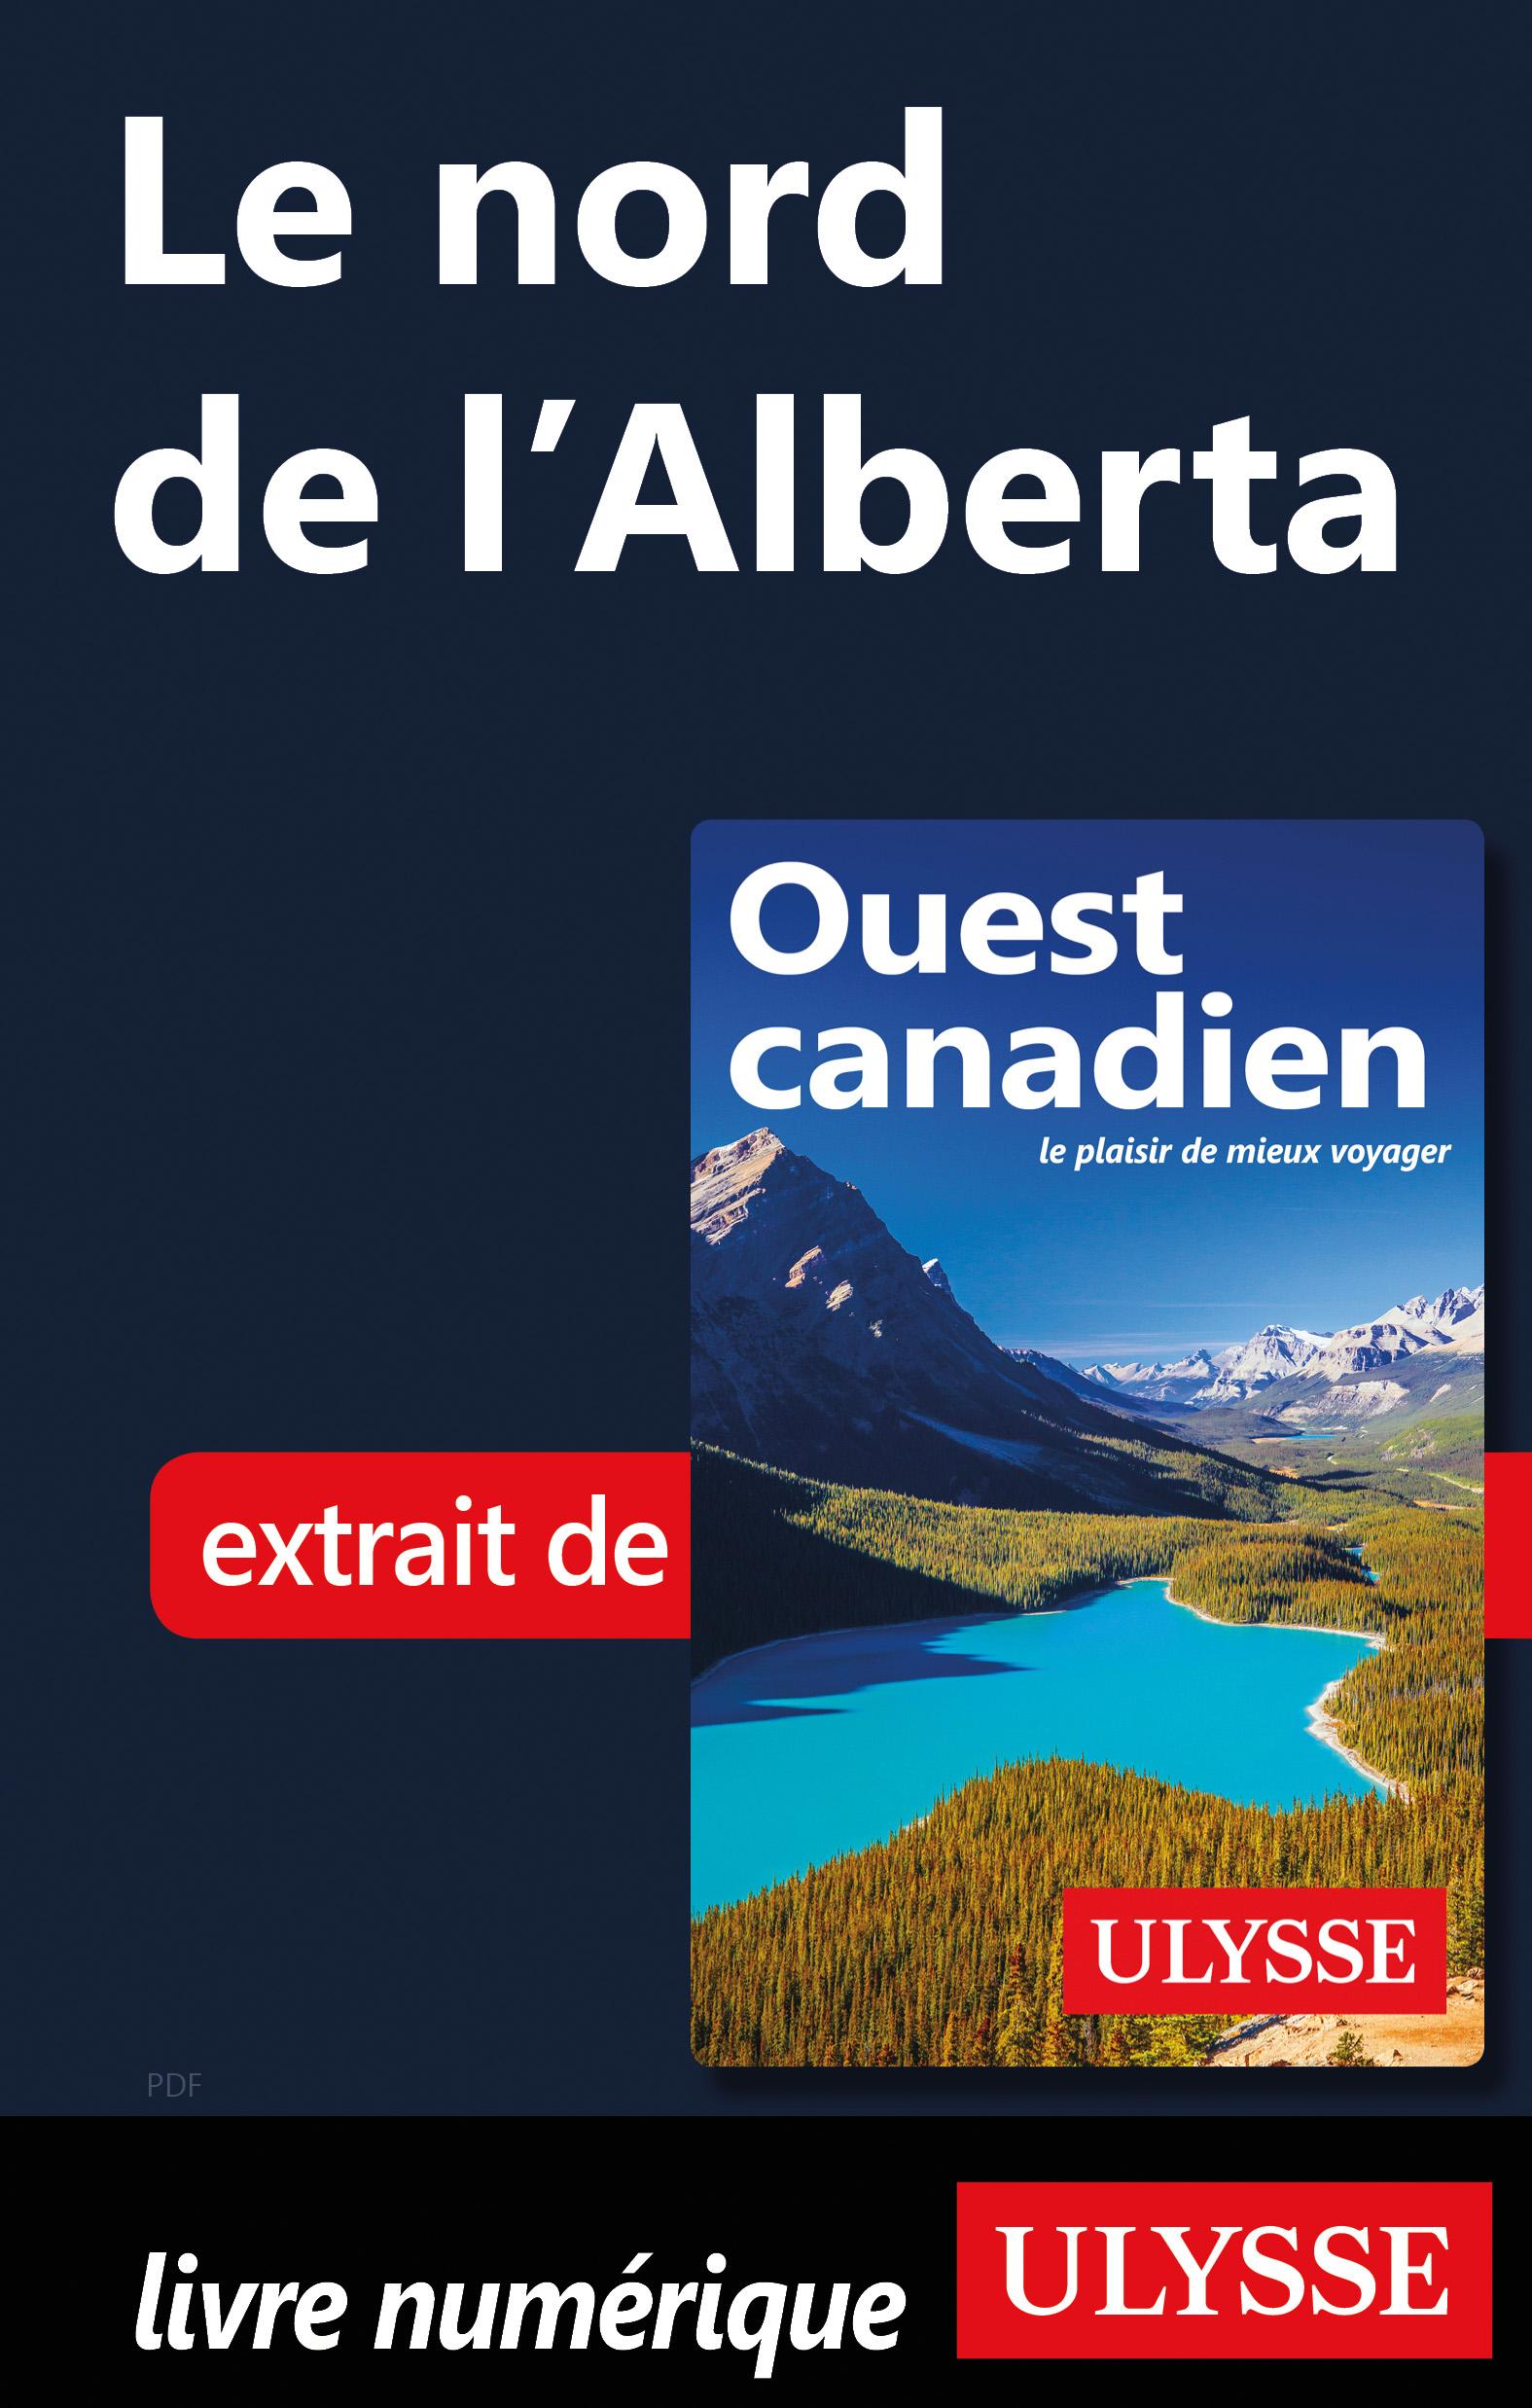 Le nord de l'Alberta